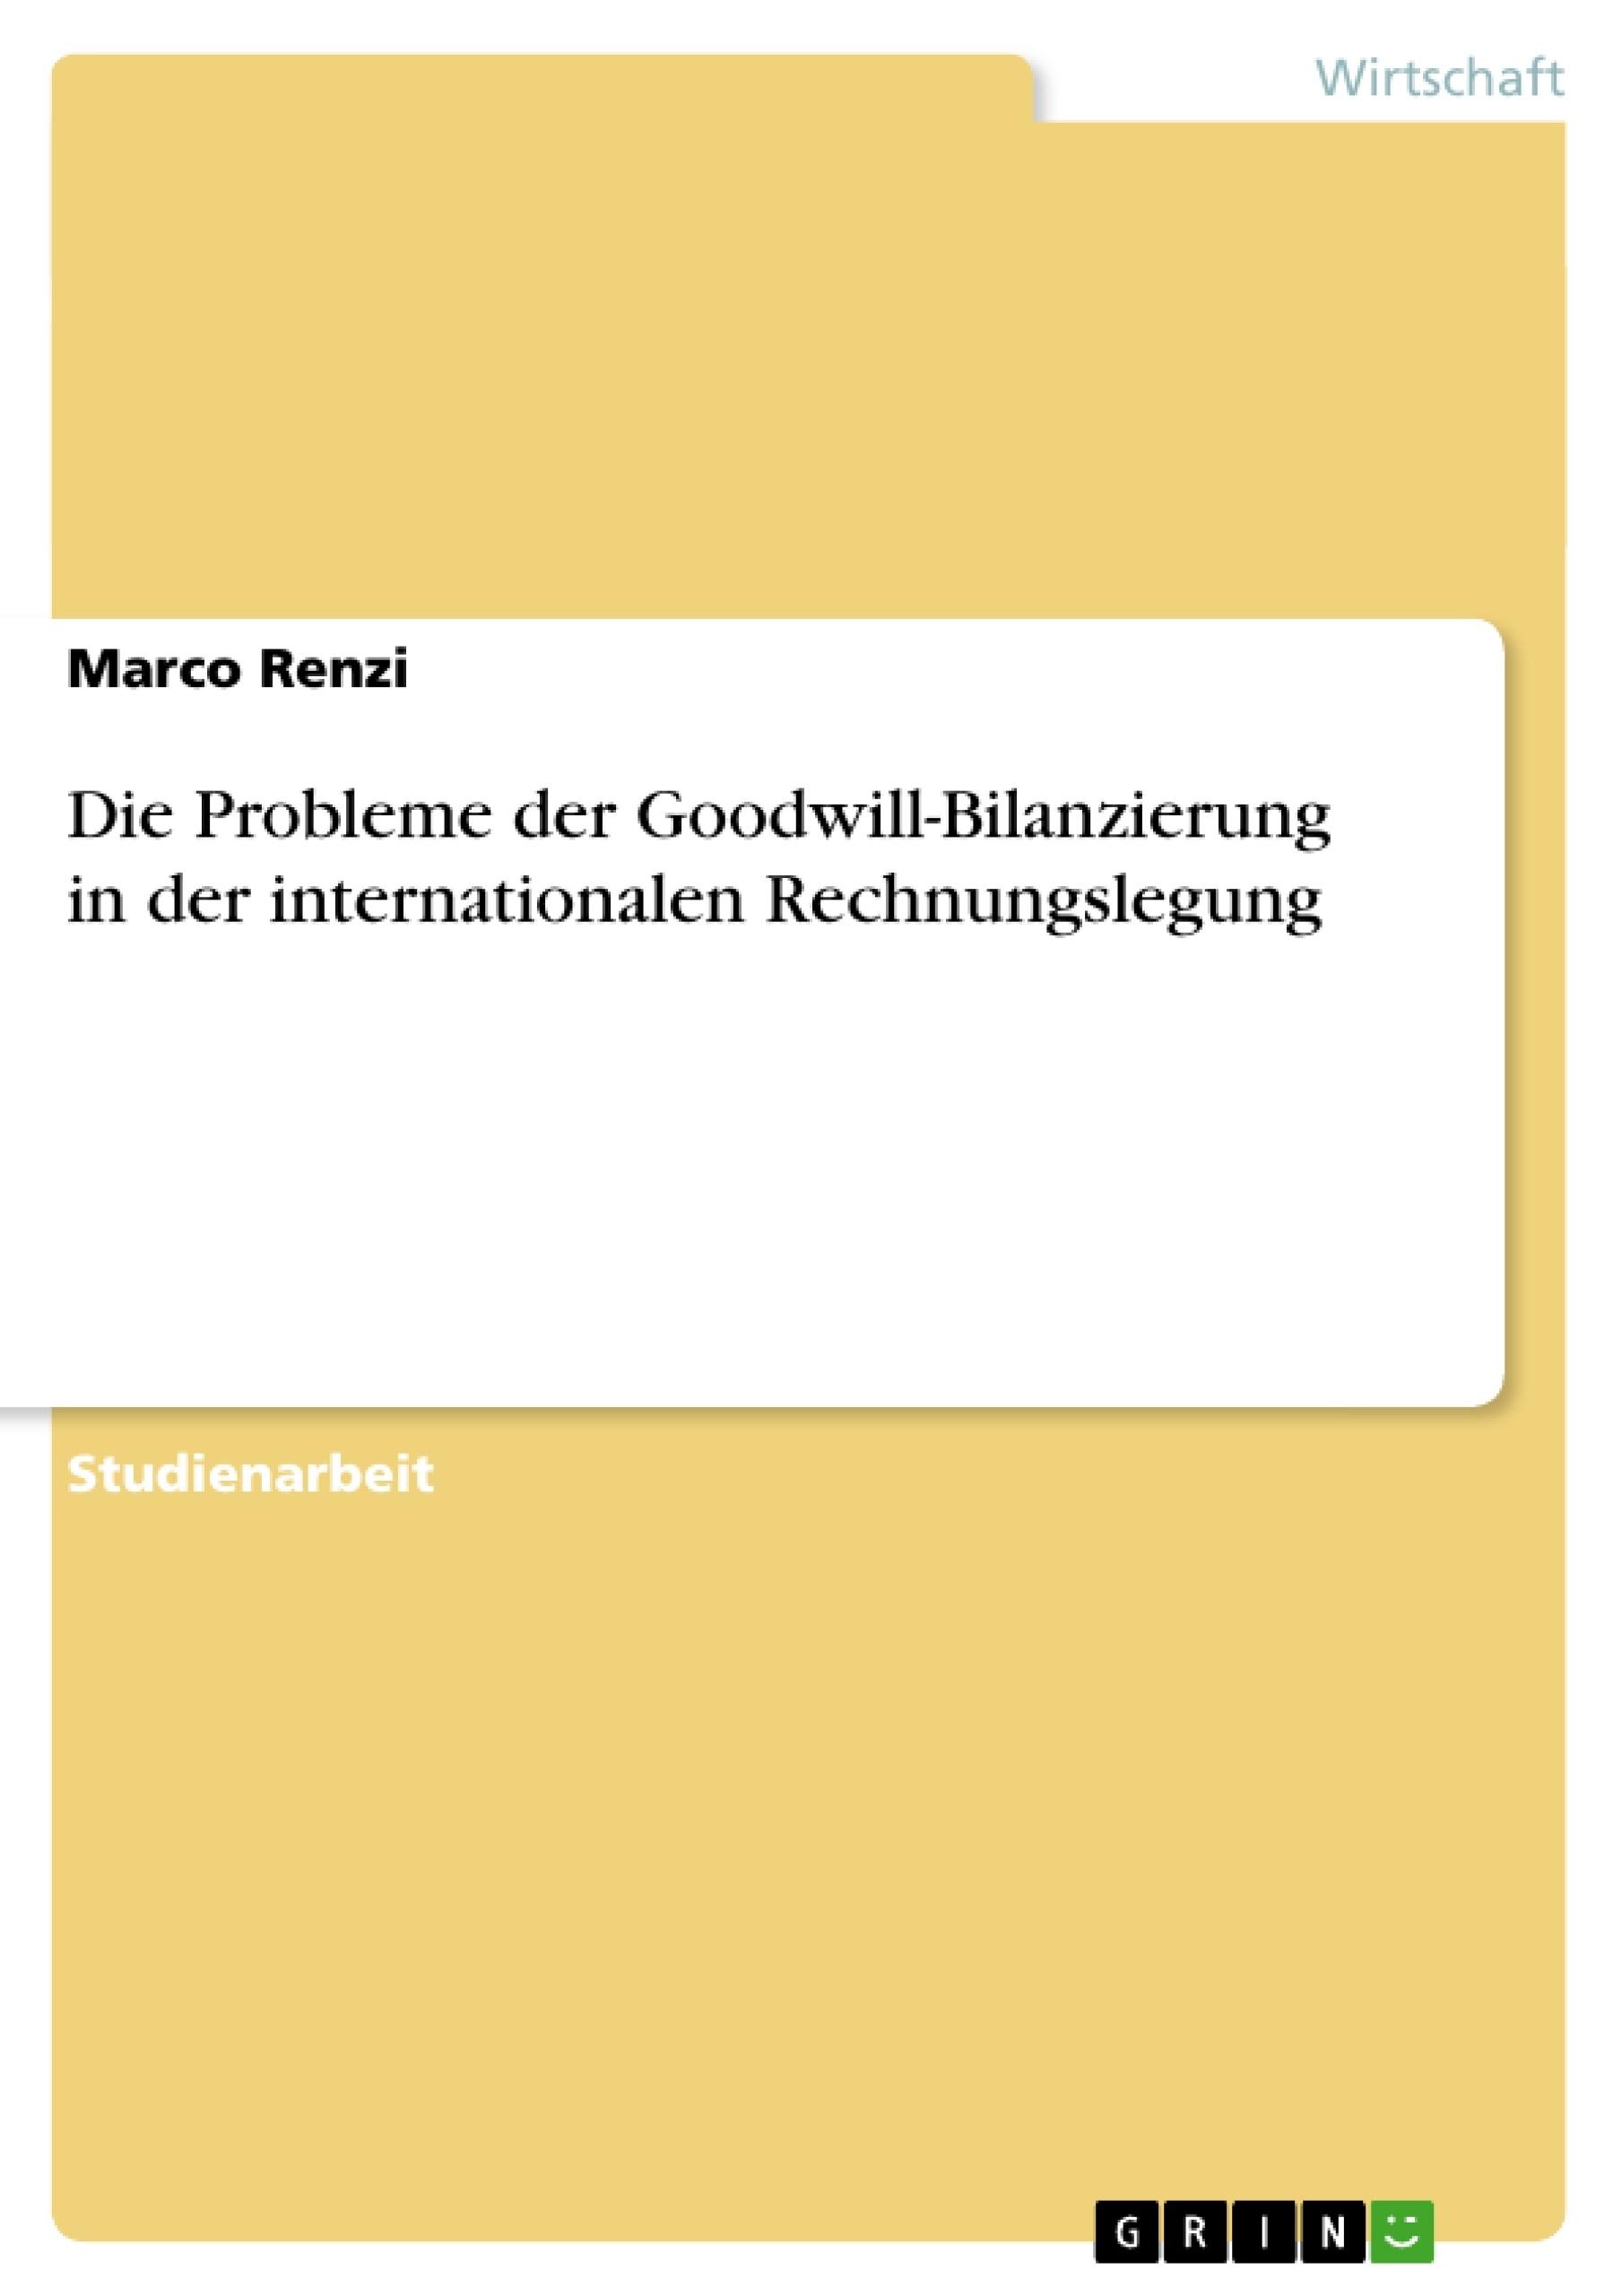 Titel: Die Probleme der Goodwill-Bilanzierung in der internationalen Rechnungslegung